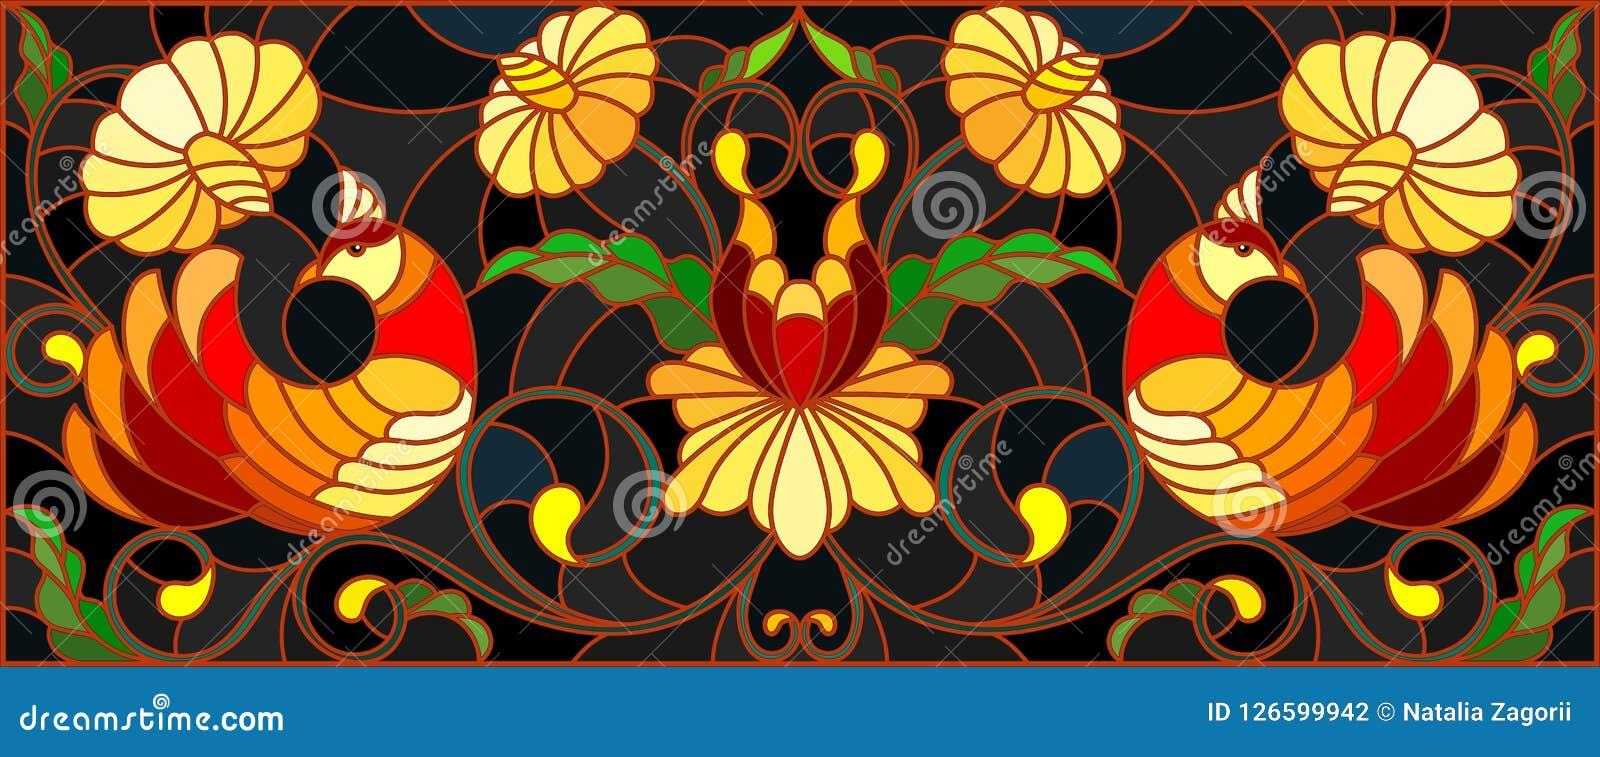 Gebrandschilderd glasillustratie met een paar vogels, bloemen en patronen op een donkere achtergrond, horizontaal beeld, de imita